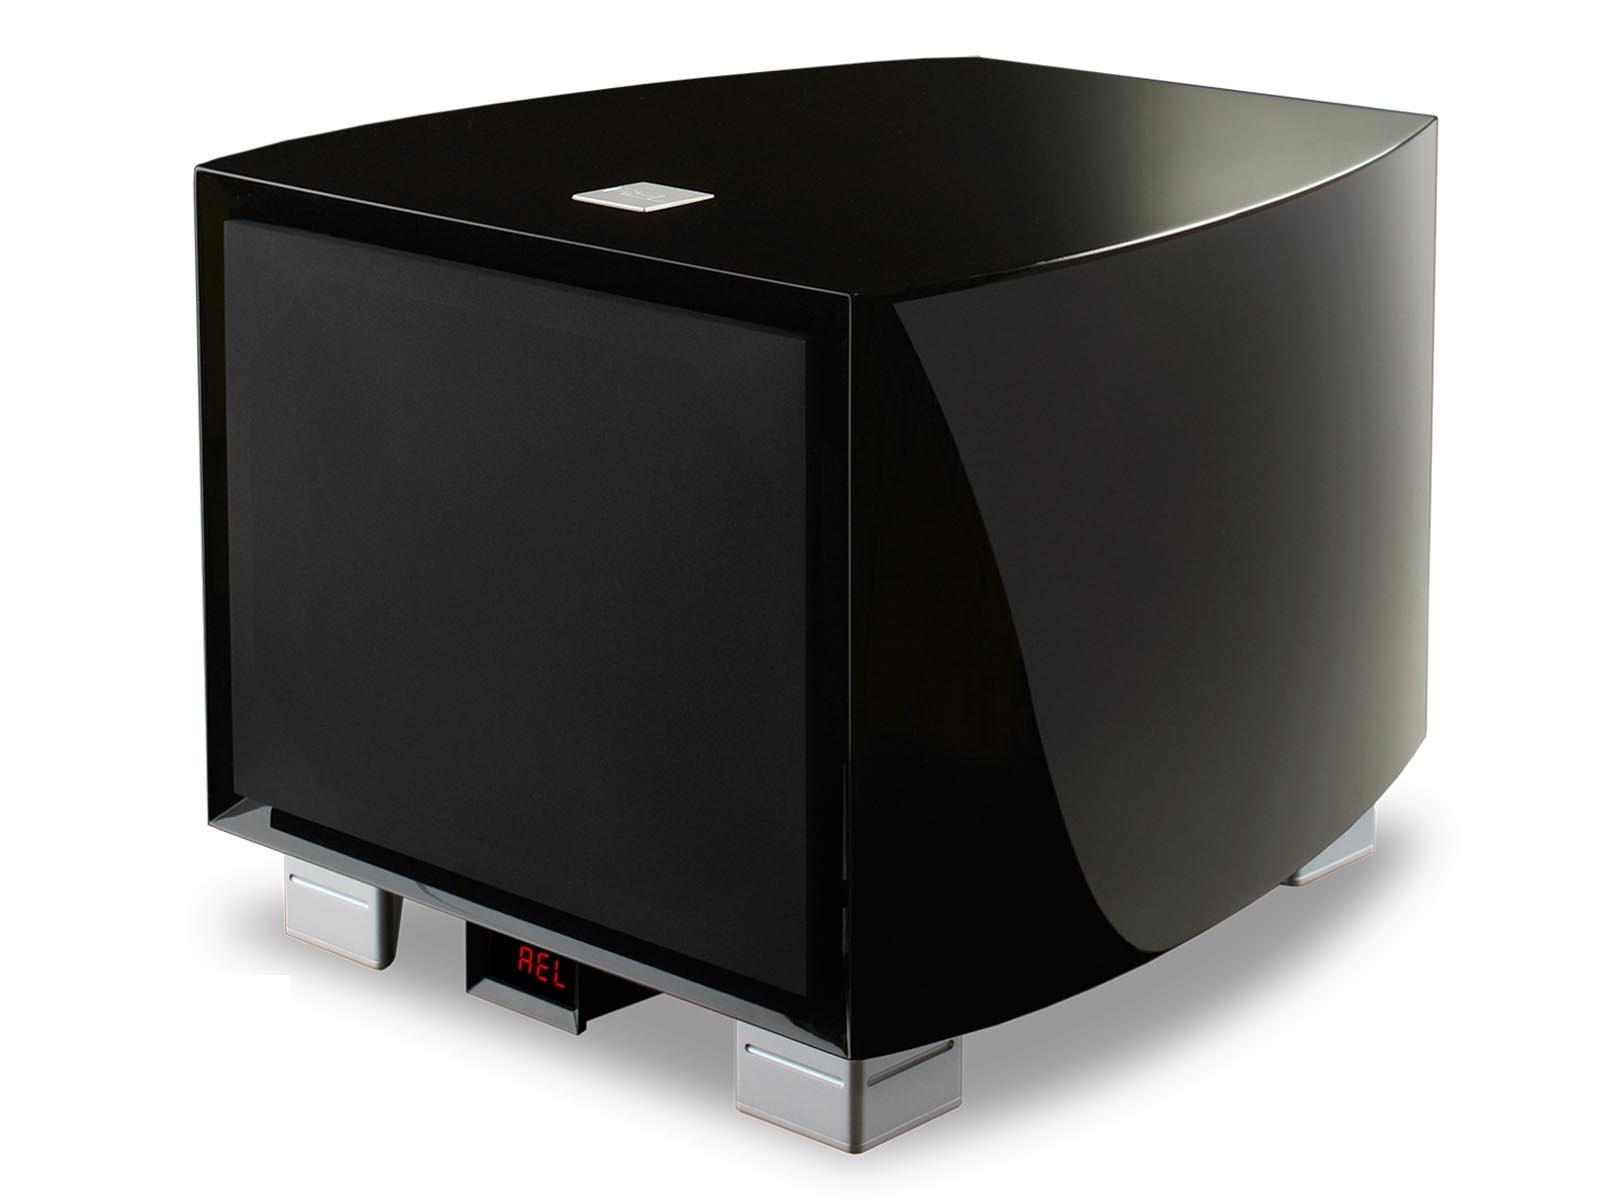 REL Gibraltar G2 - černý klavírní lesk